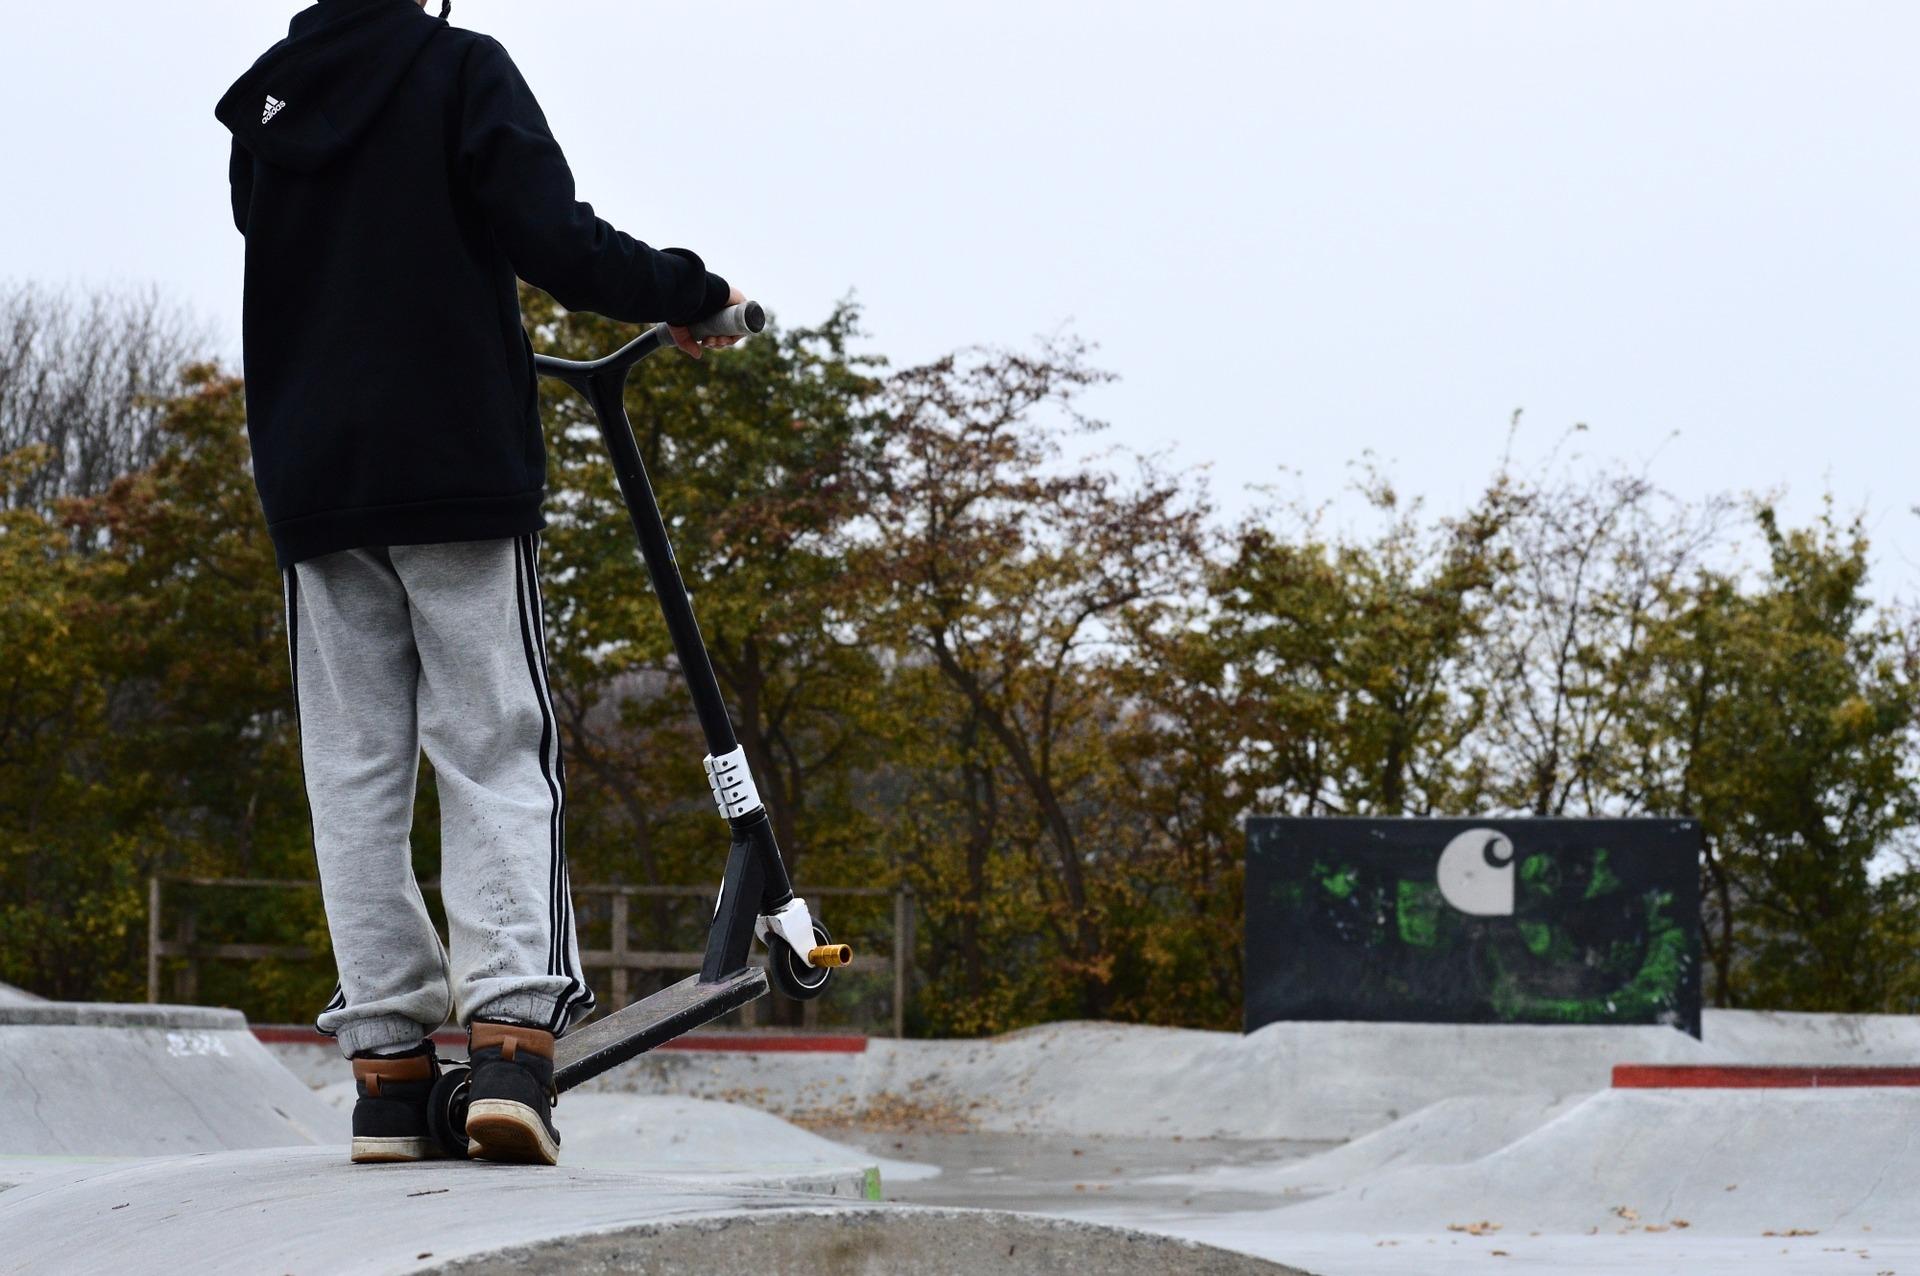 一個人在滑行場拿著電動滑板車